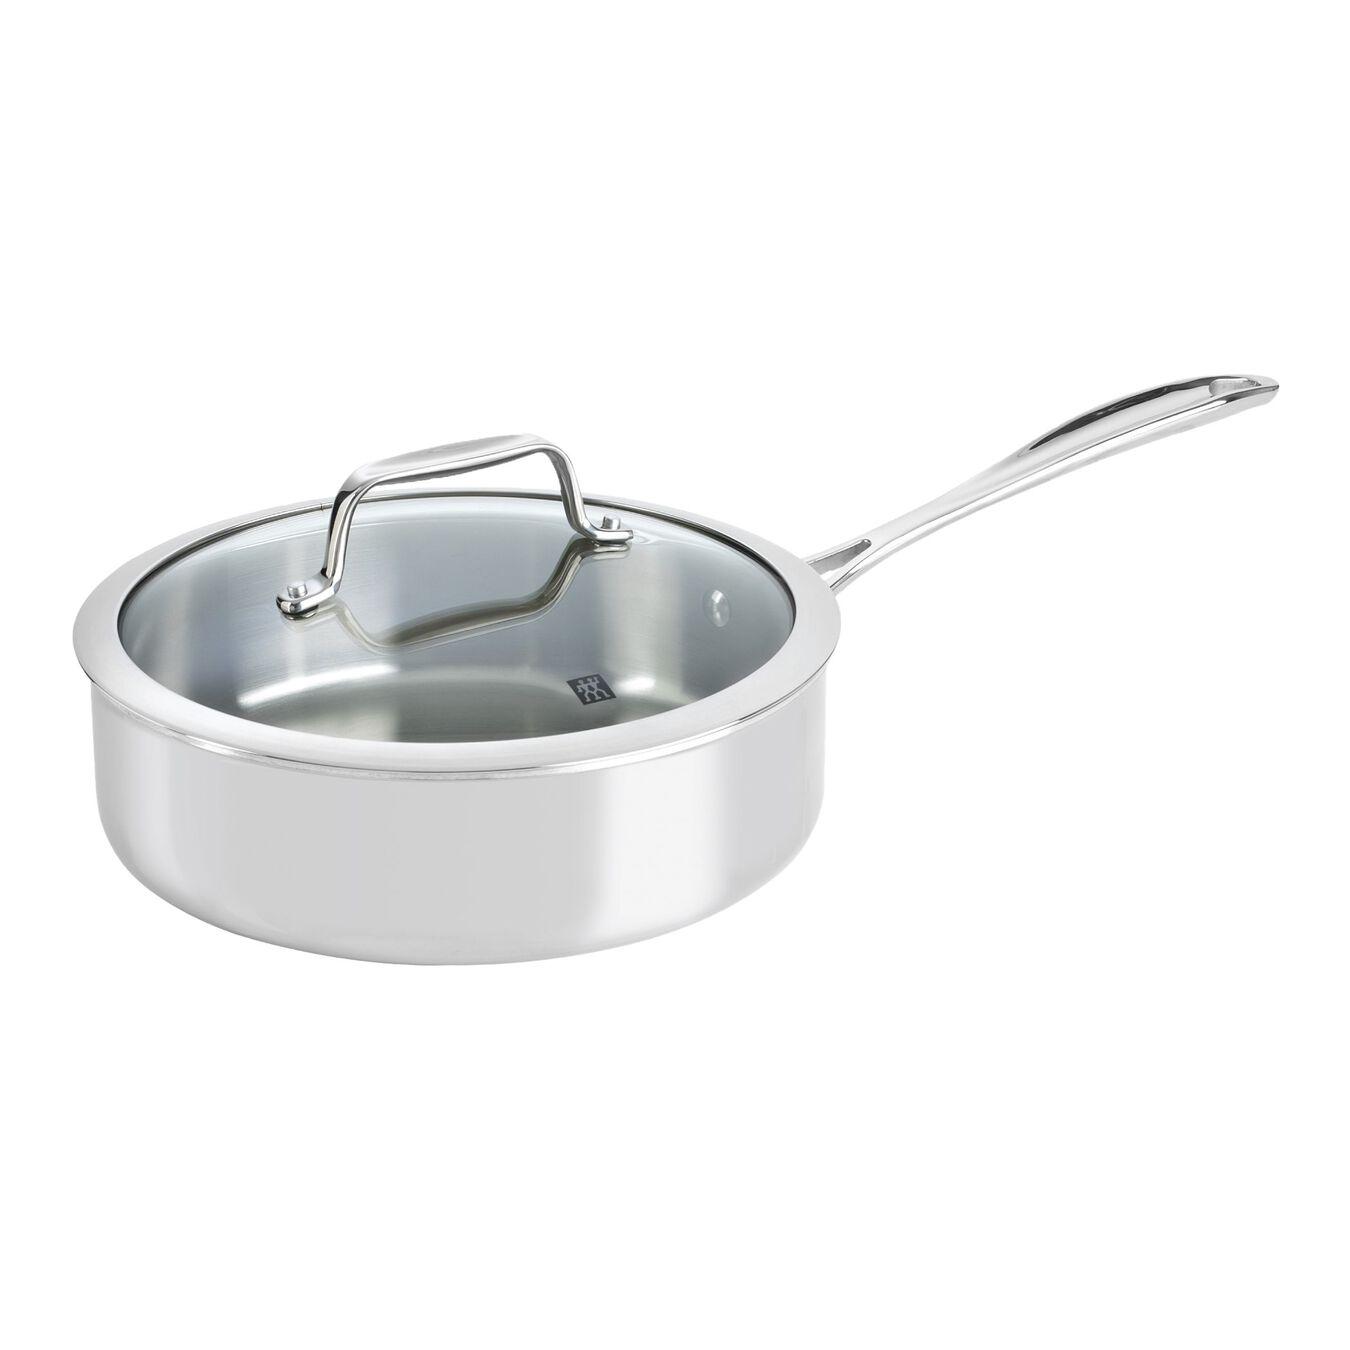 10-pcs 18/10 Stainless Steel Set de casseroles et de poêles,,large 4